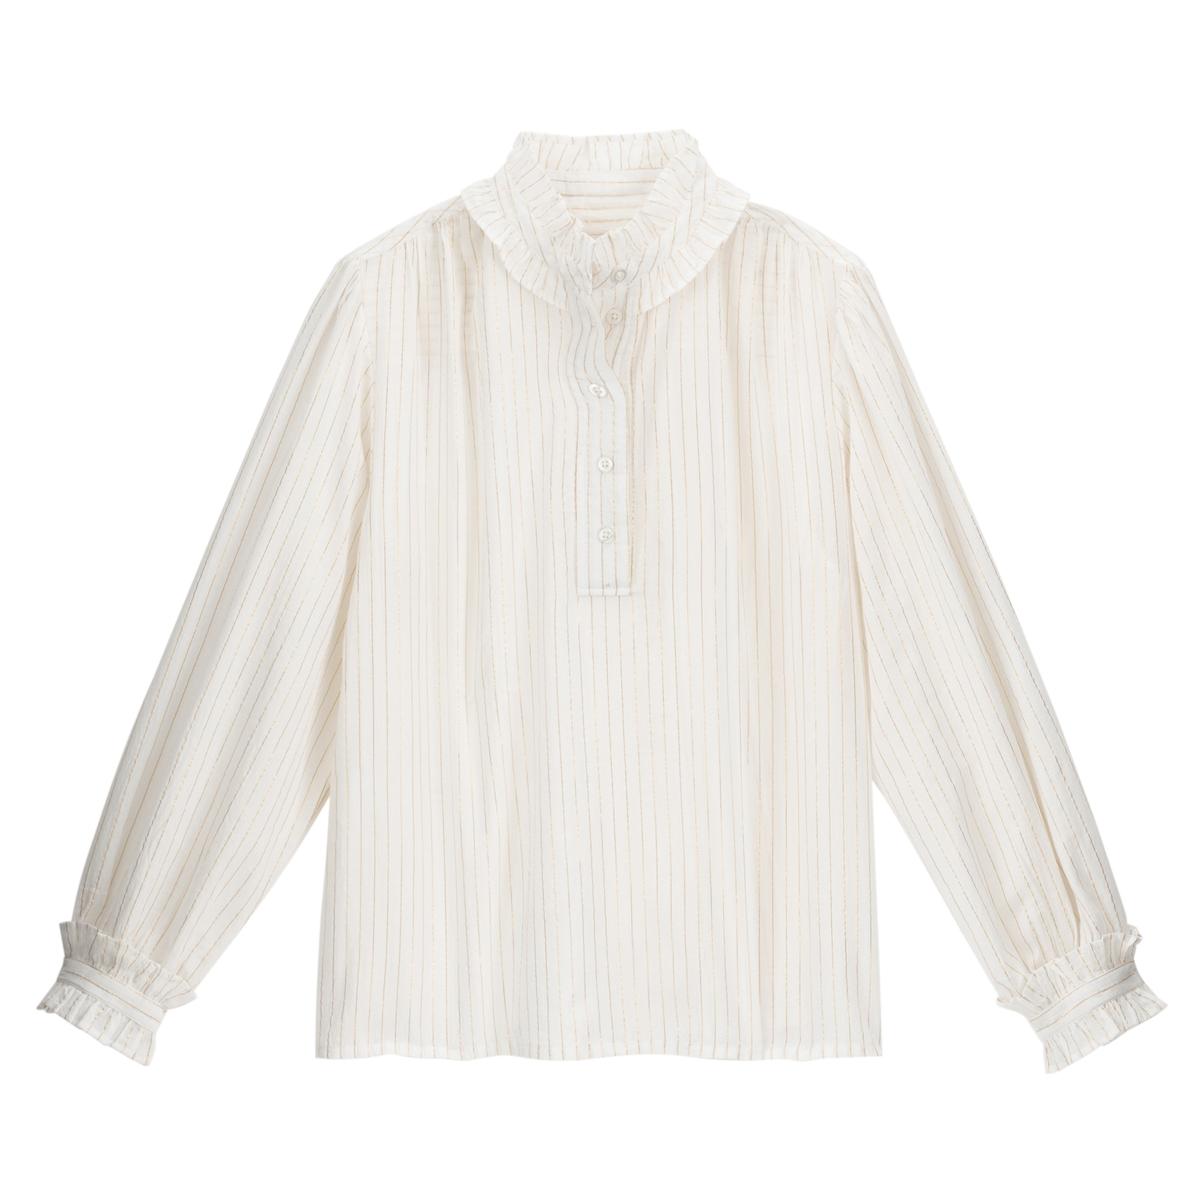 Blusa con cuello alto, manga larga